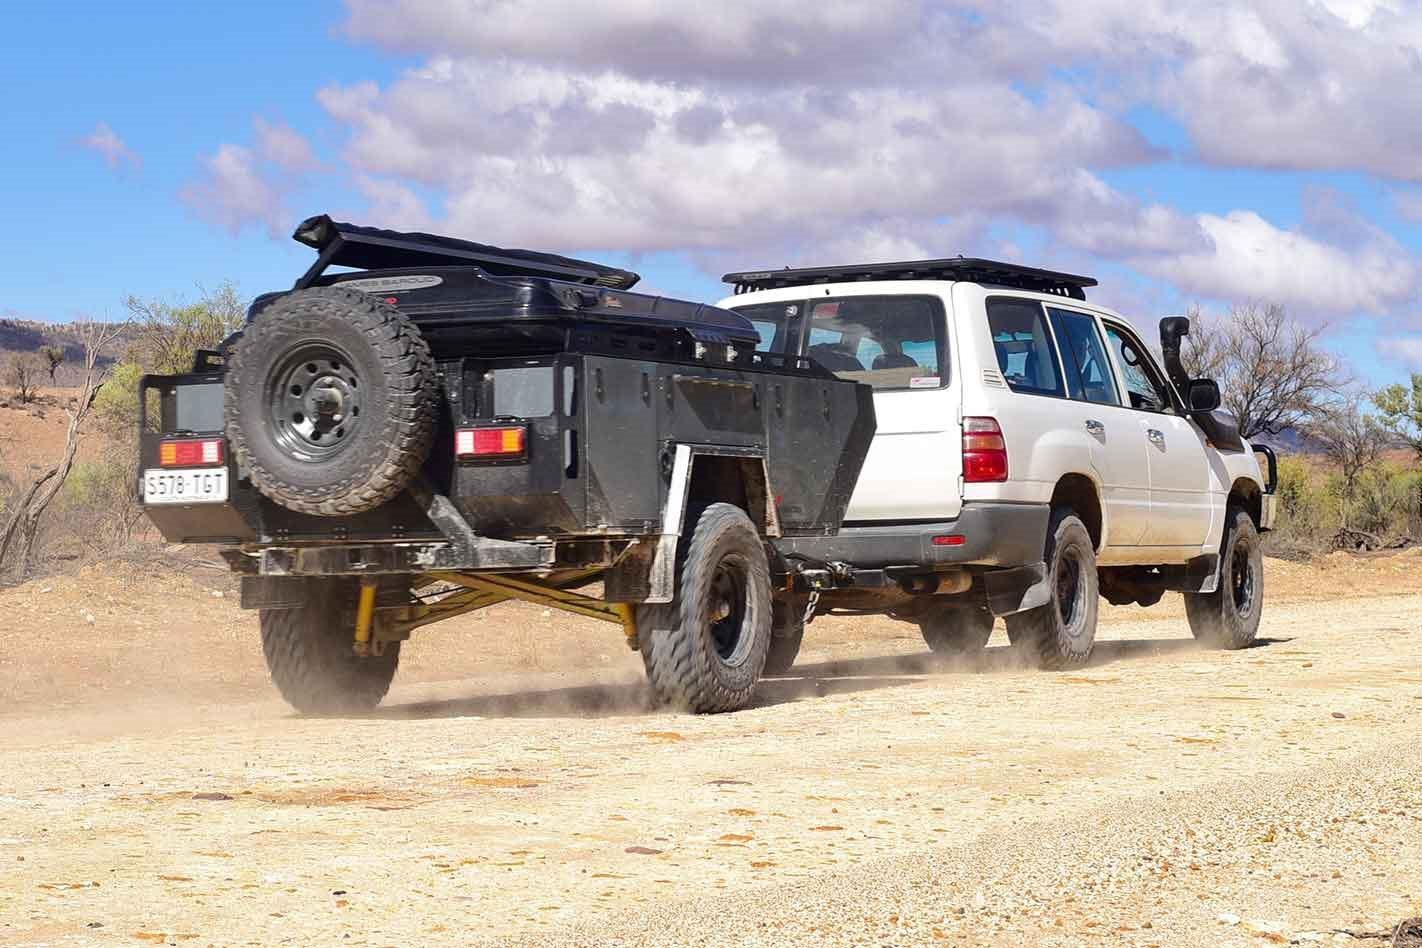 Aussie-made Terra Trek Expedition camper tested